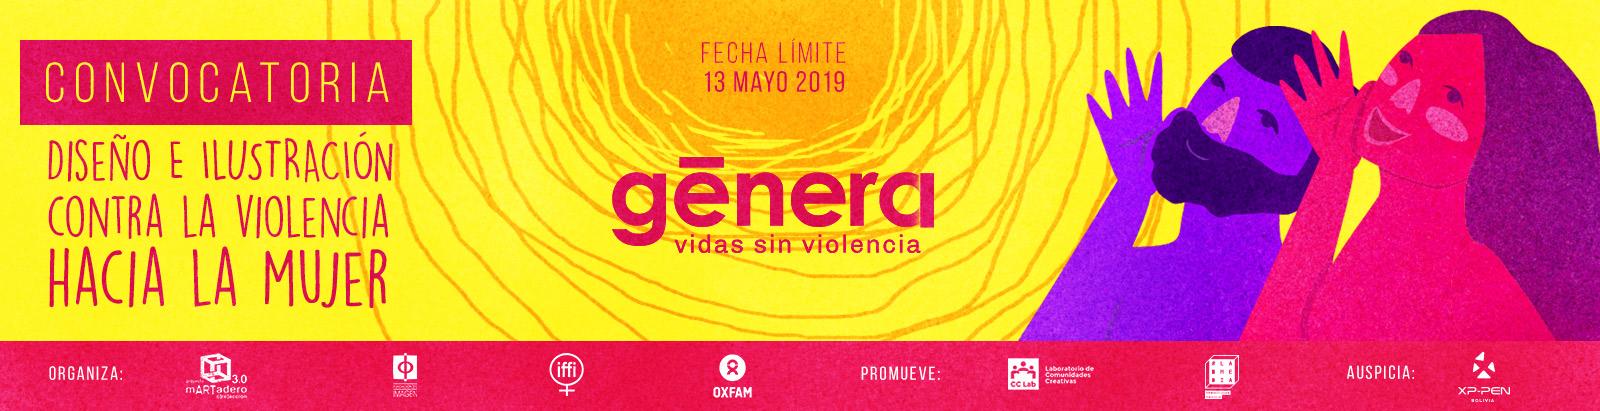 """CONVOCATORIA """"GENERA-Vidas Sin Violencia"""" – Diseño e ilustración de stickers temáticos"""